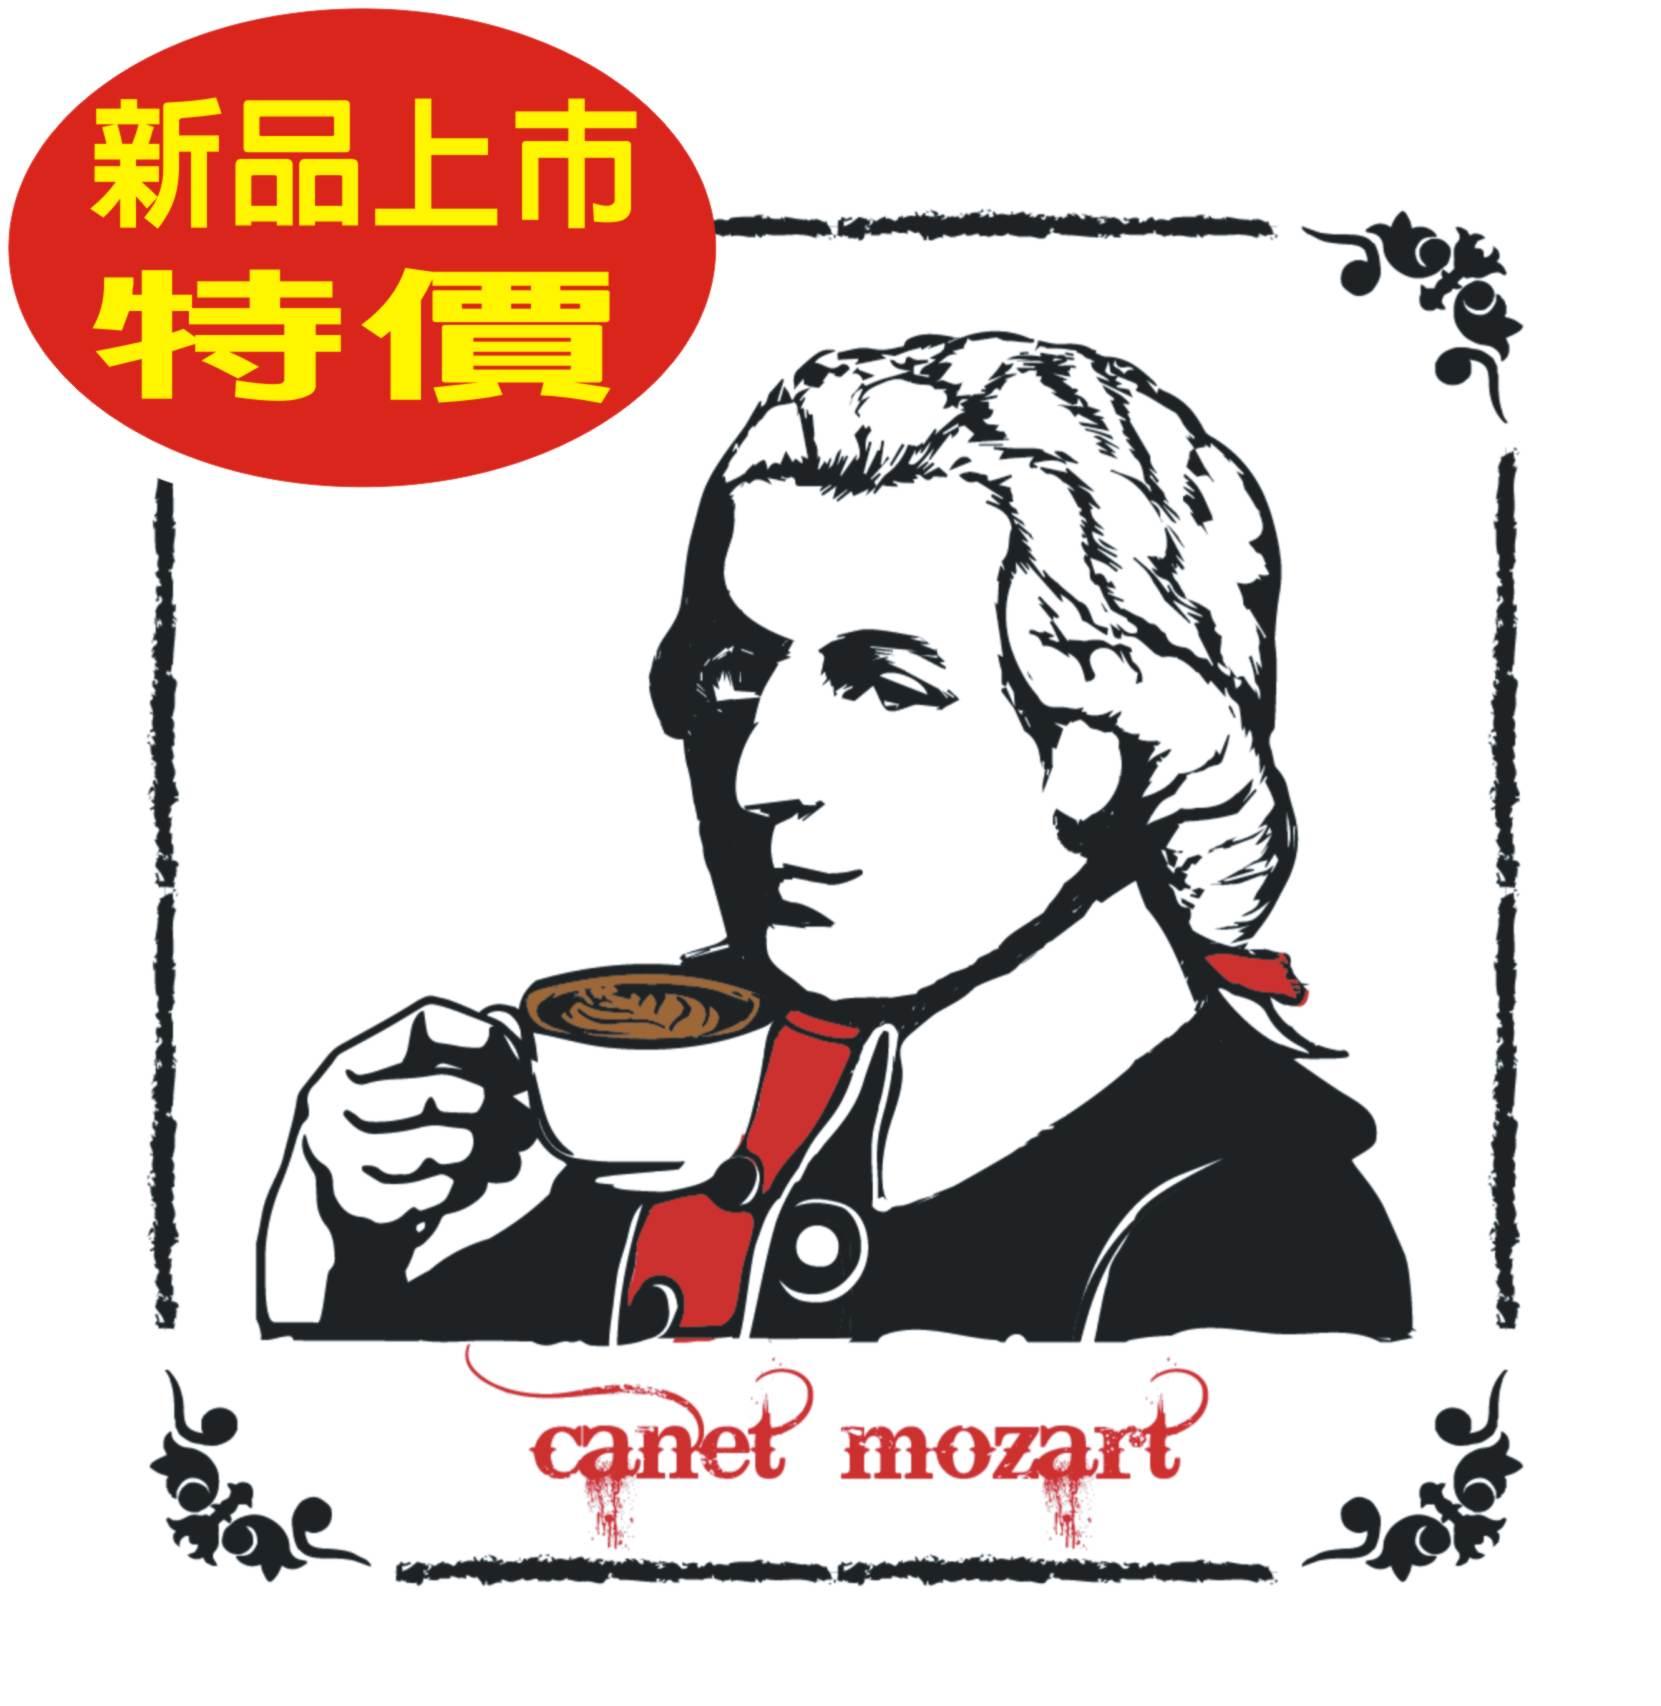 【林咖啡】哥斯大黎加 塔拉珠 卡內特莊園 音樂家系列 莫札特  葡萄乾蜜處理 SHB 250g(半磅+10%)